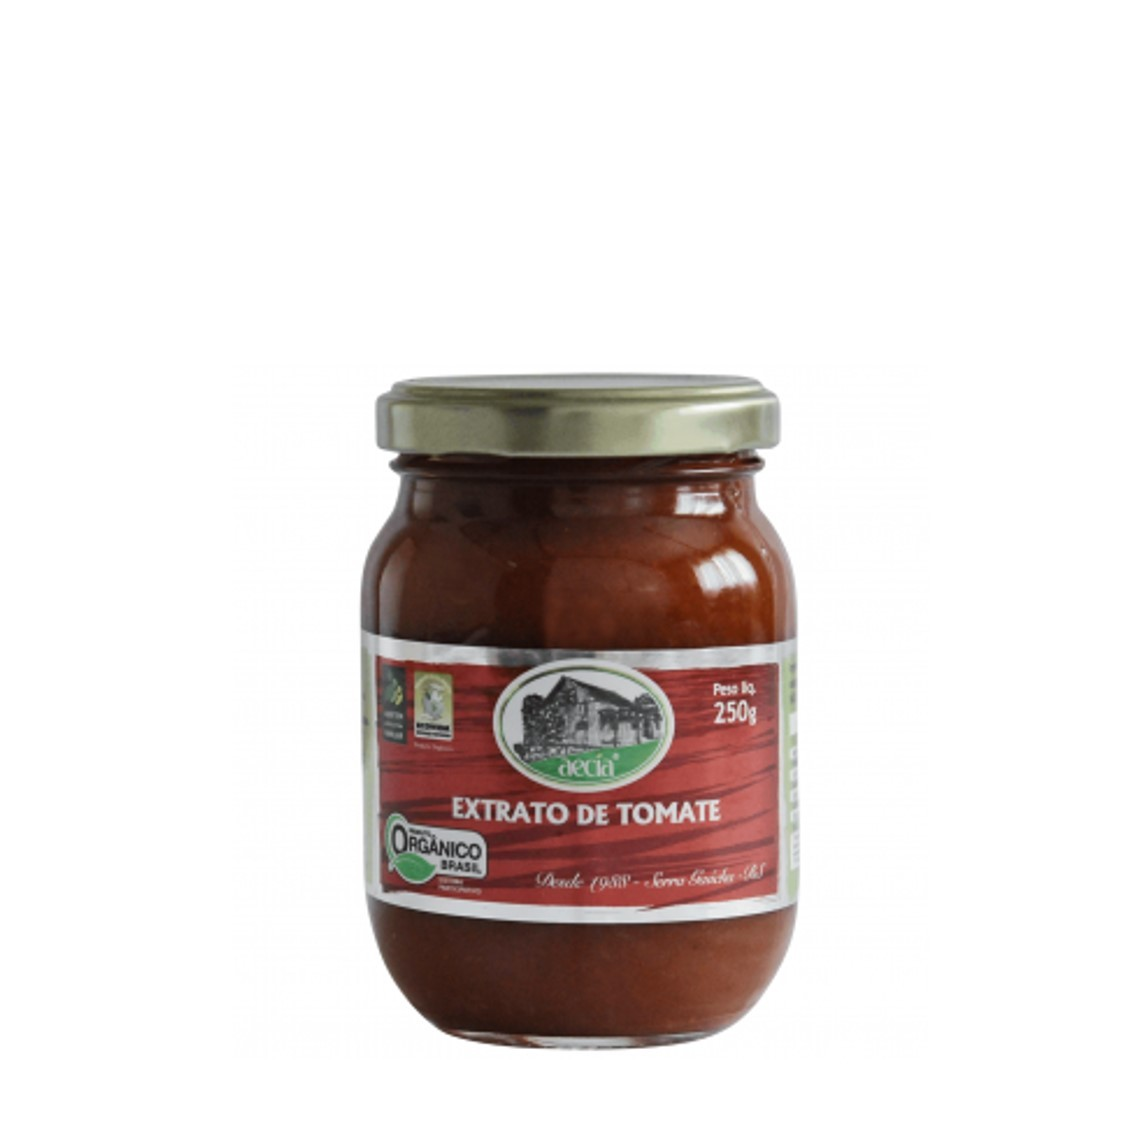 Extrato de Tomate (250g) – Aecia